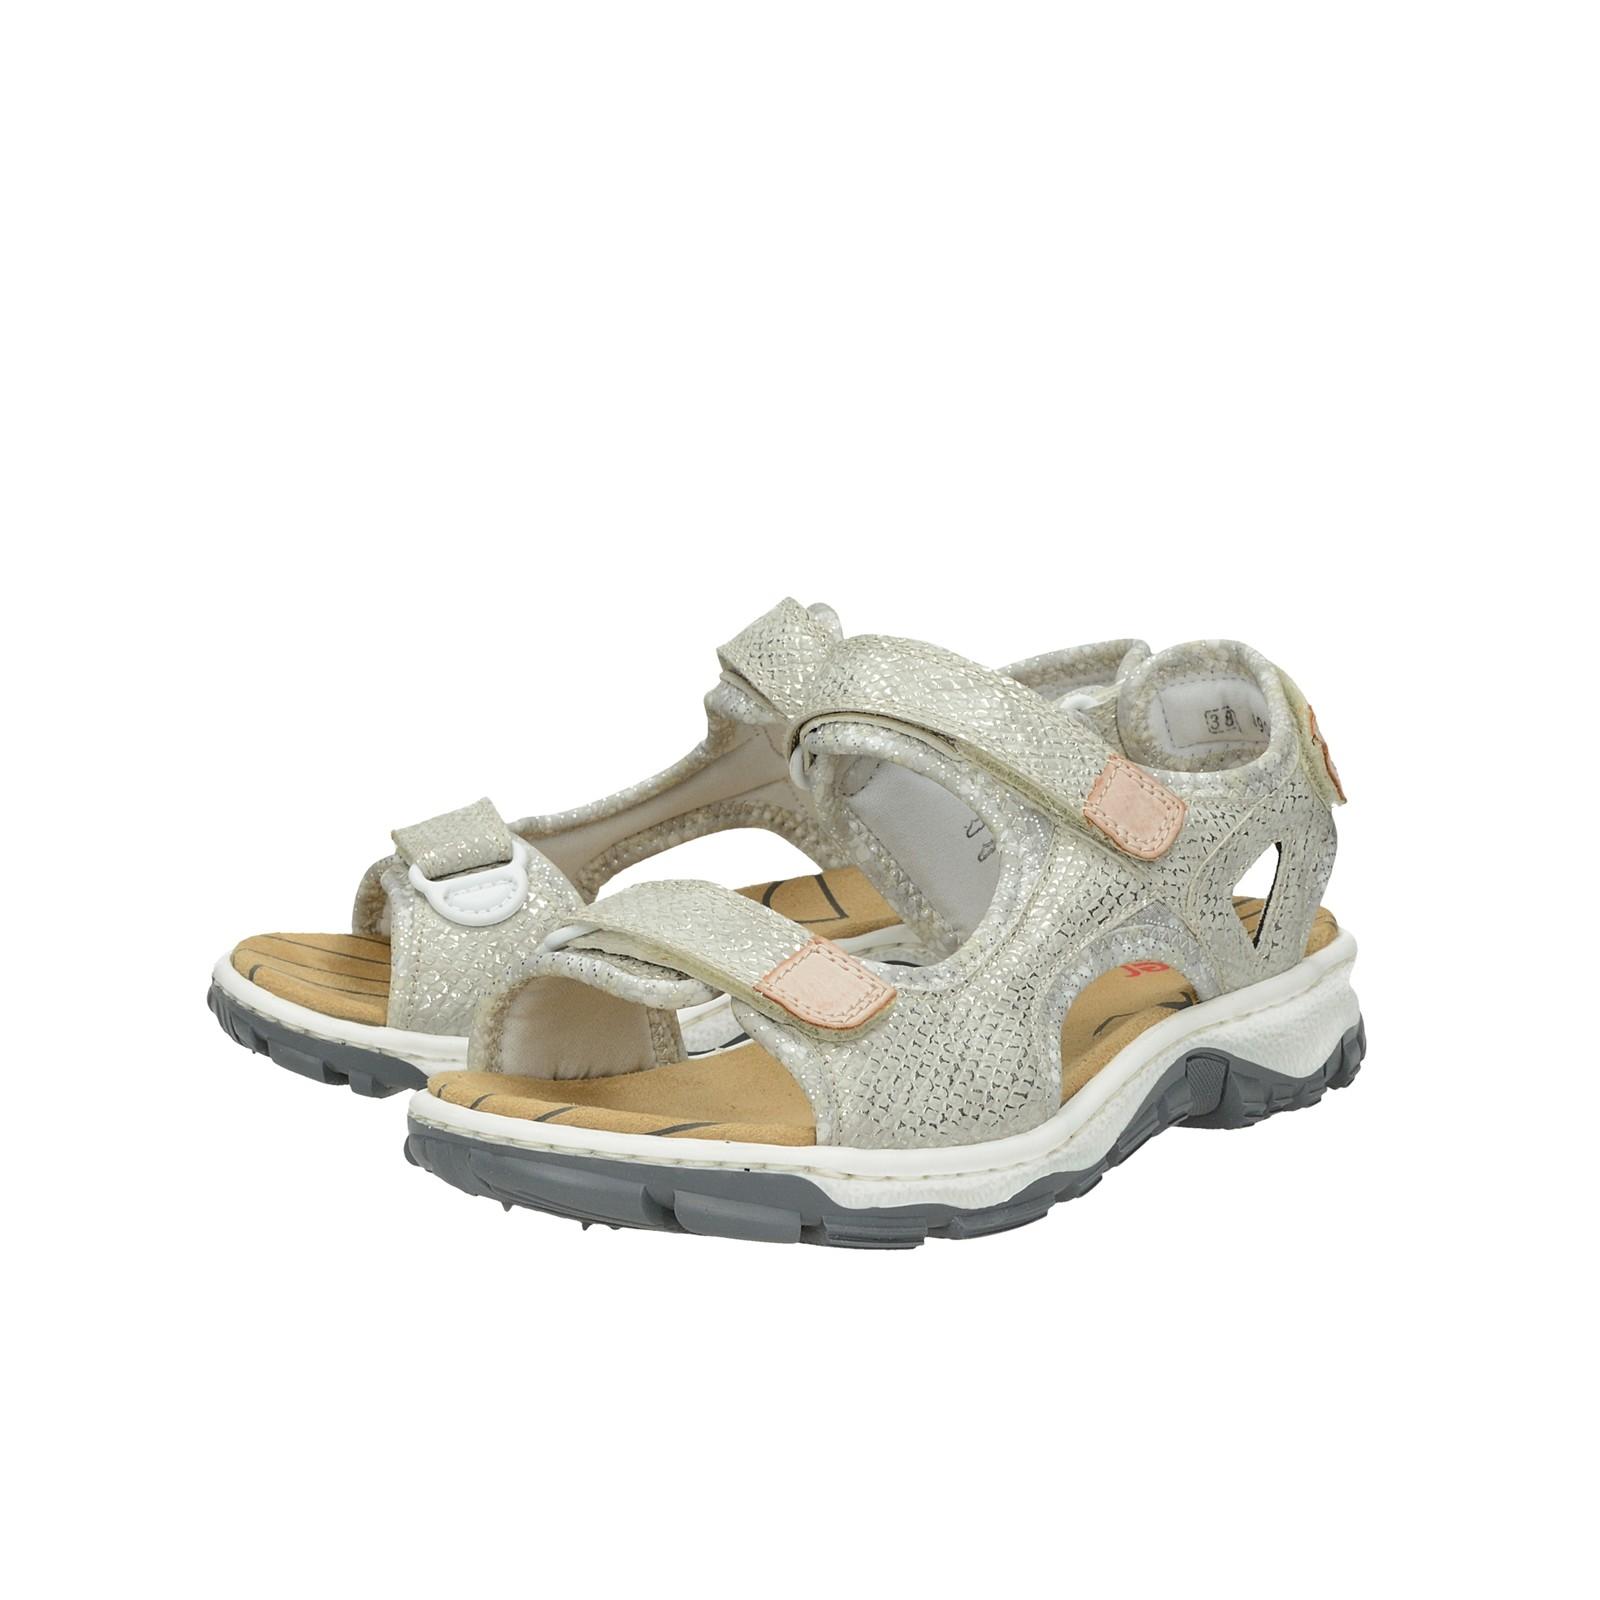 Damen Großhandelpreise Rieker Sneaker WHITE SILV L59B4 80